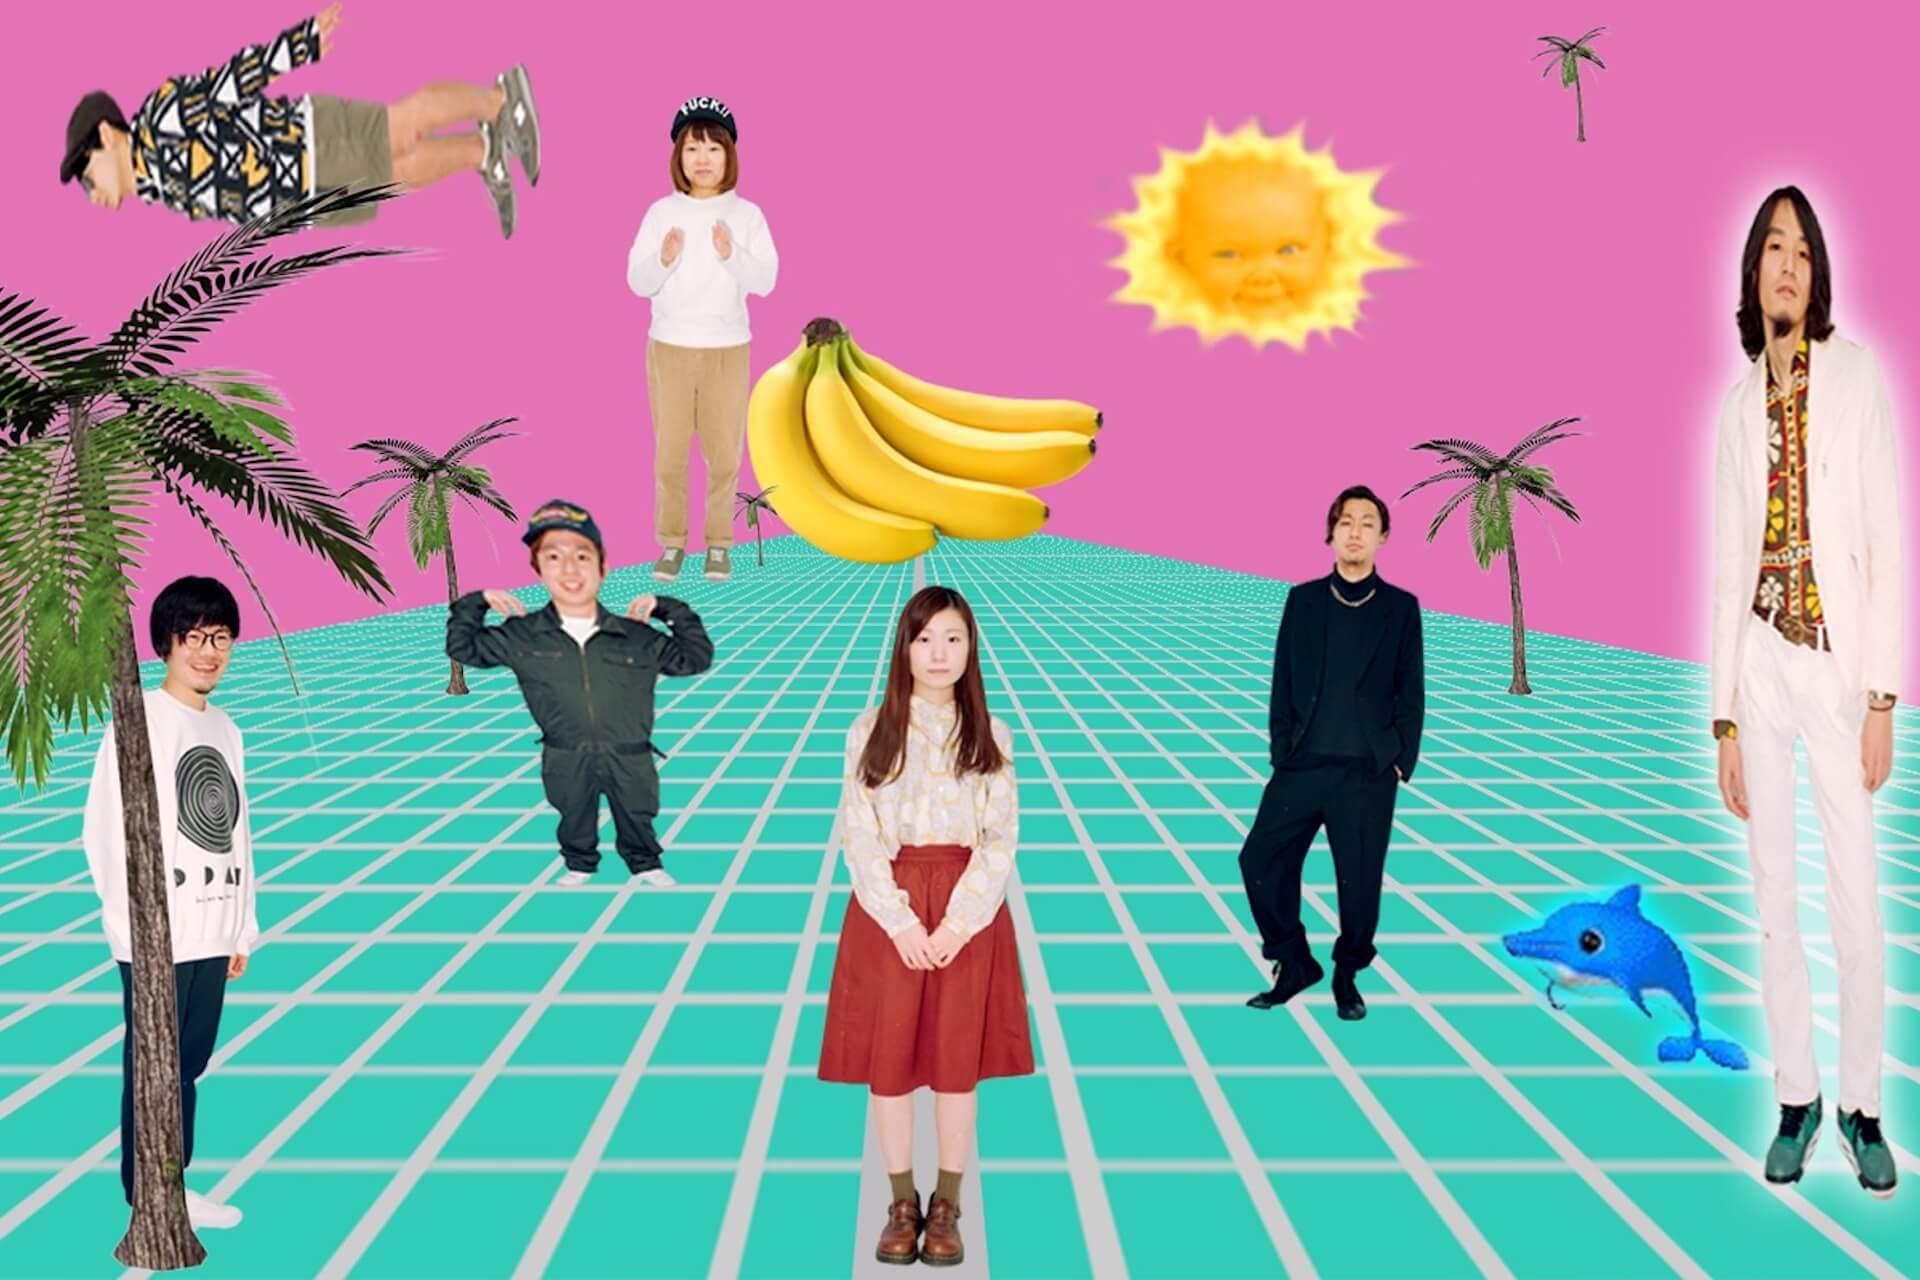 石若駿が結成したSMTKと、伊吹文裕率いるOOPS! PIG PALE ALE INC.による2マン企画が表参道WALL&WALLで開催 music210605-smtk-oppai-3